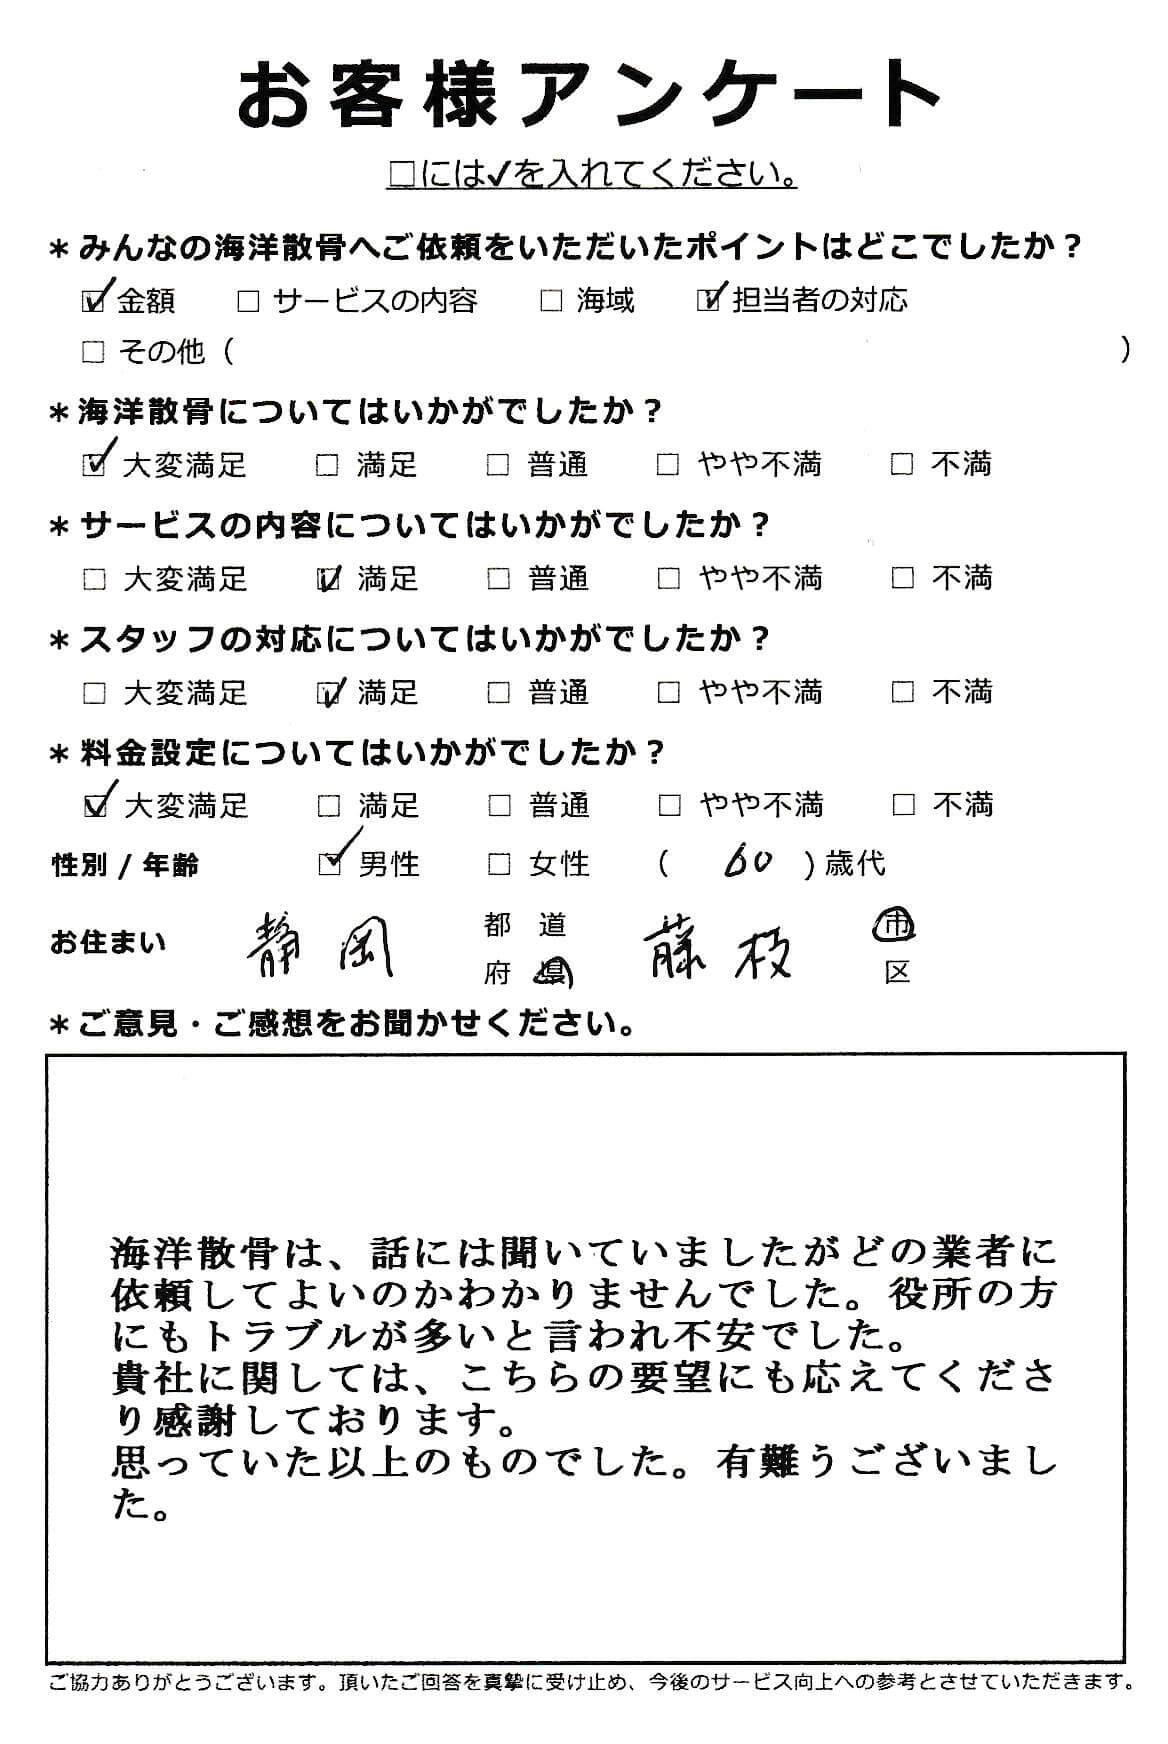 静岡県 藤枝市 60代男性 代行委託散骨